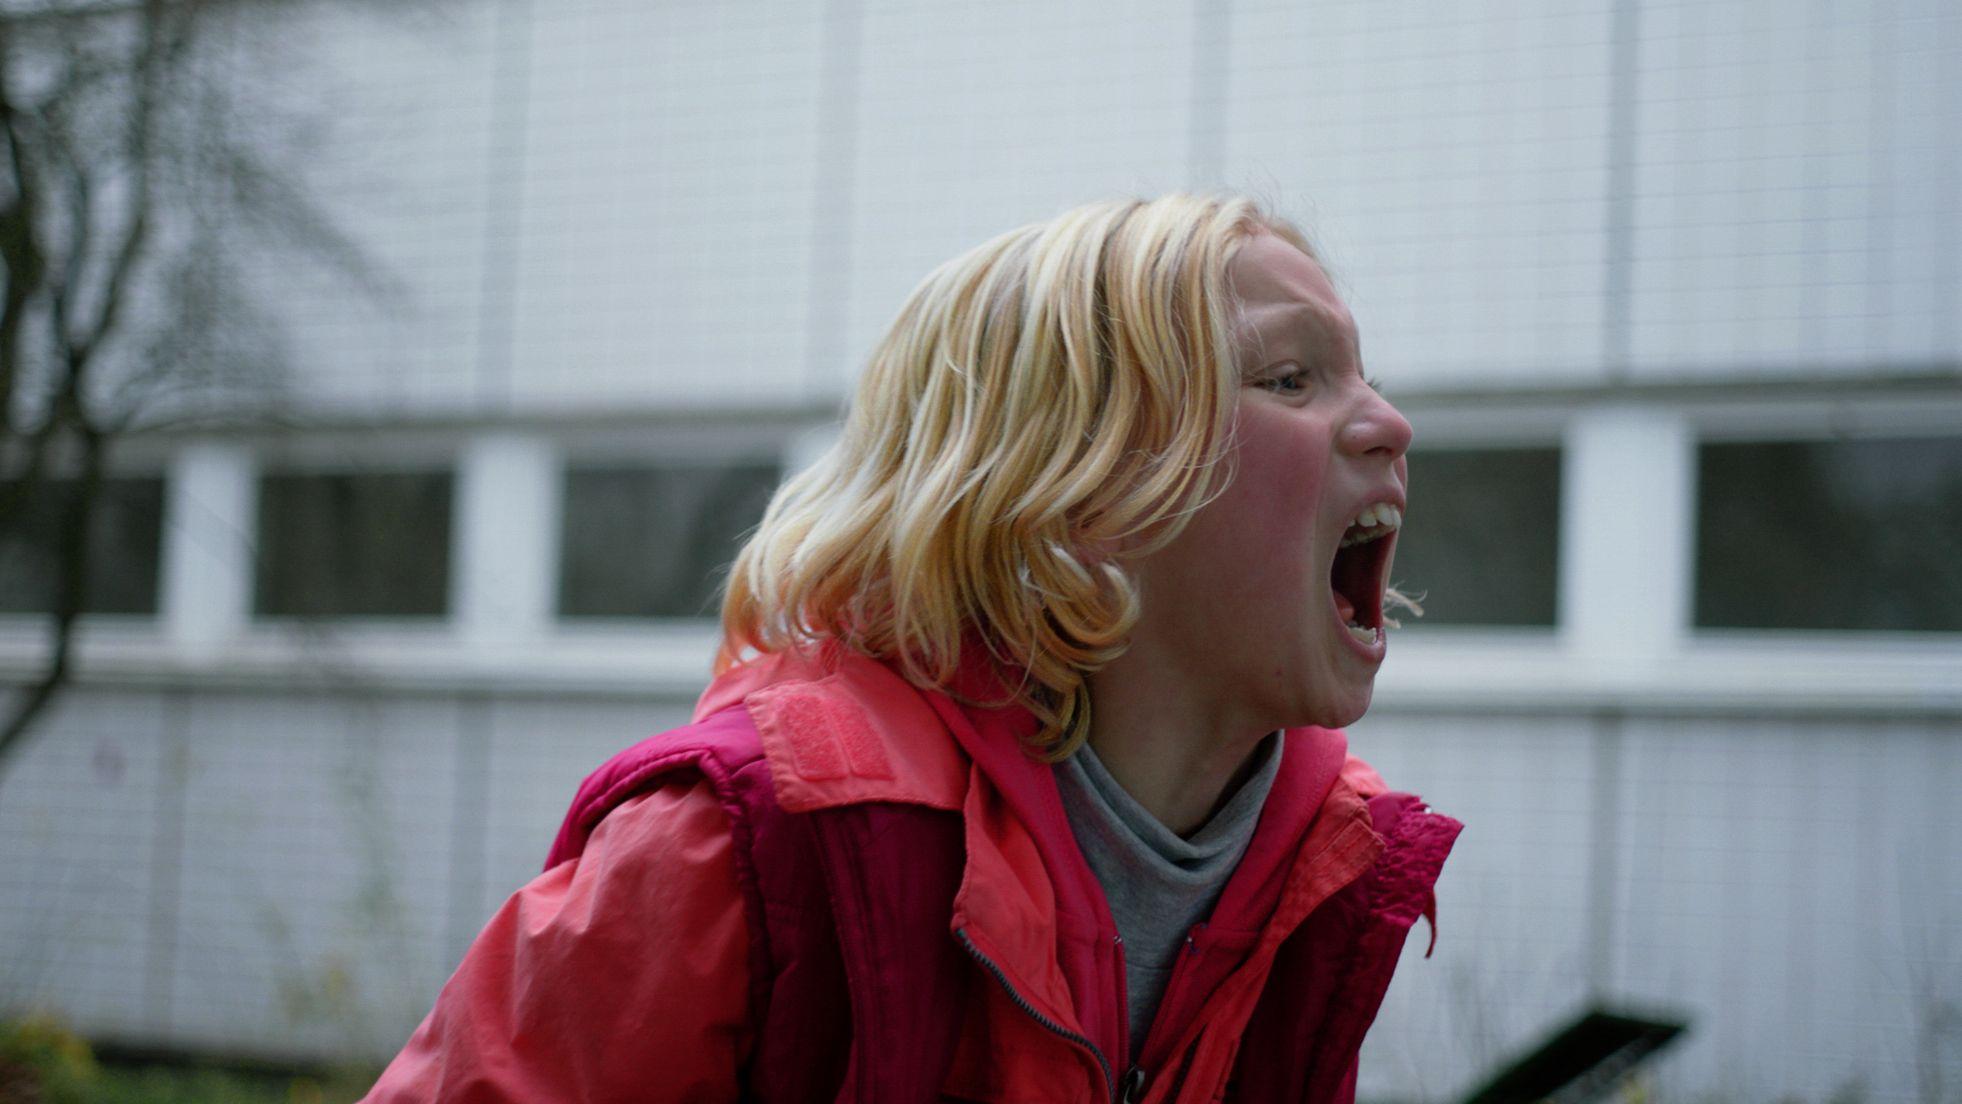 Schauspielerin Helena Zengel steht schreiend und mit hochrotem Kopf vor einem weißen Gebäude